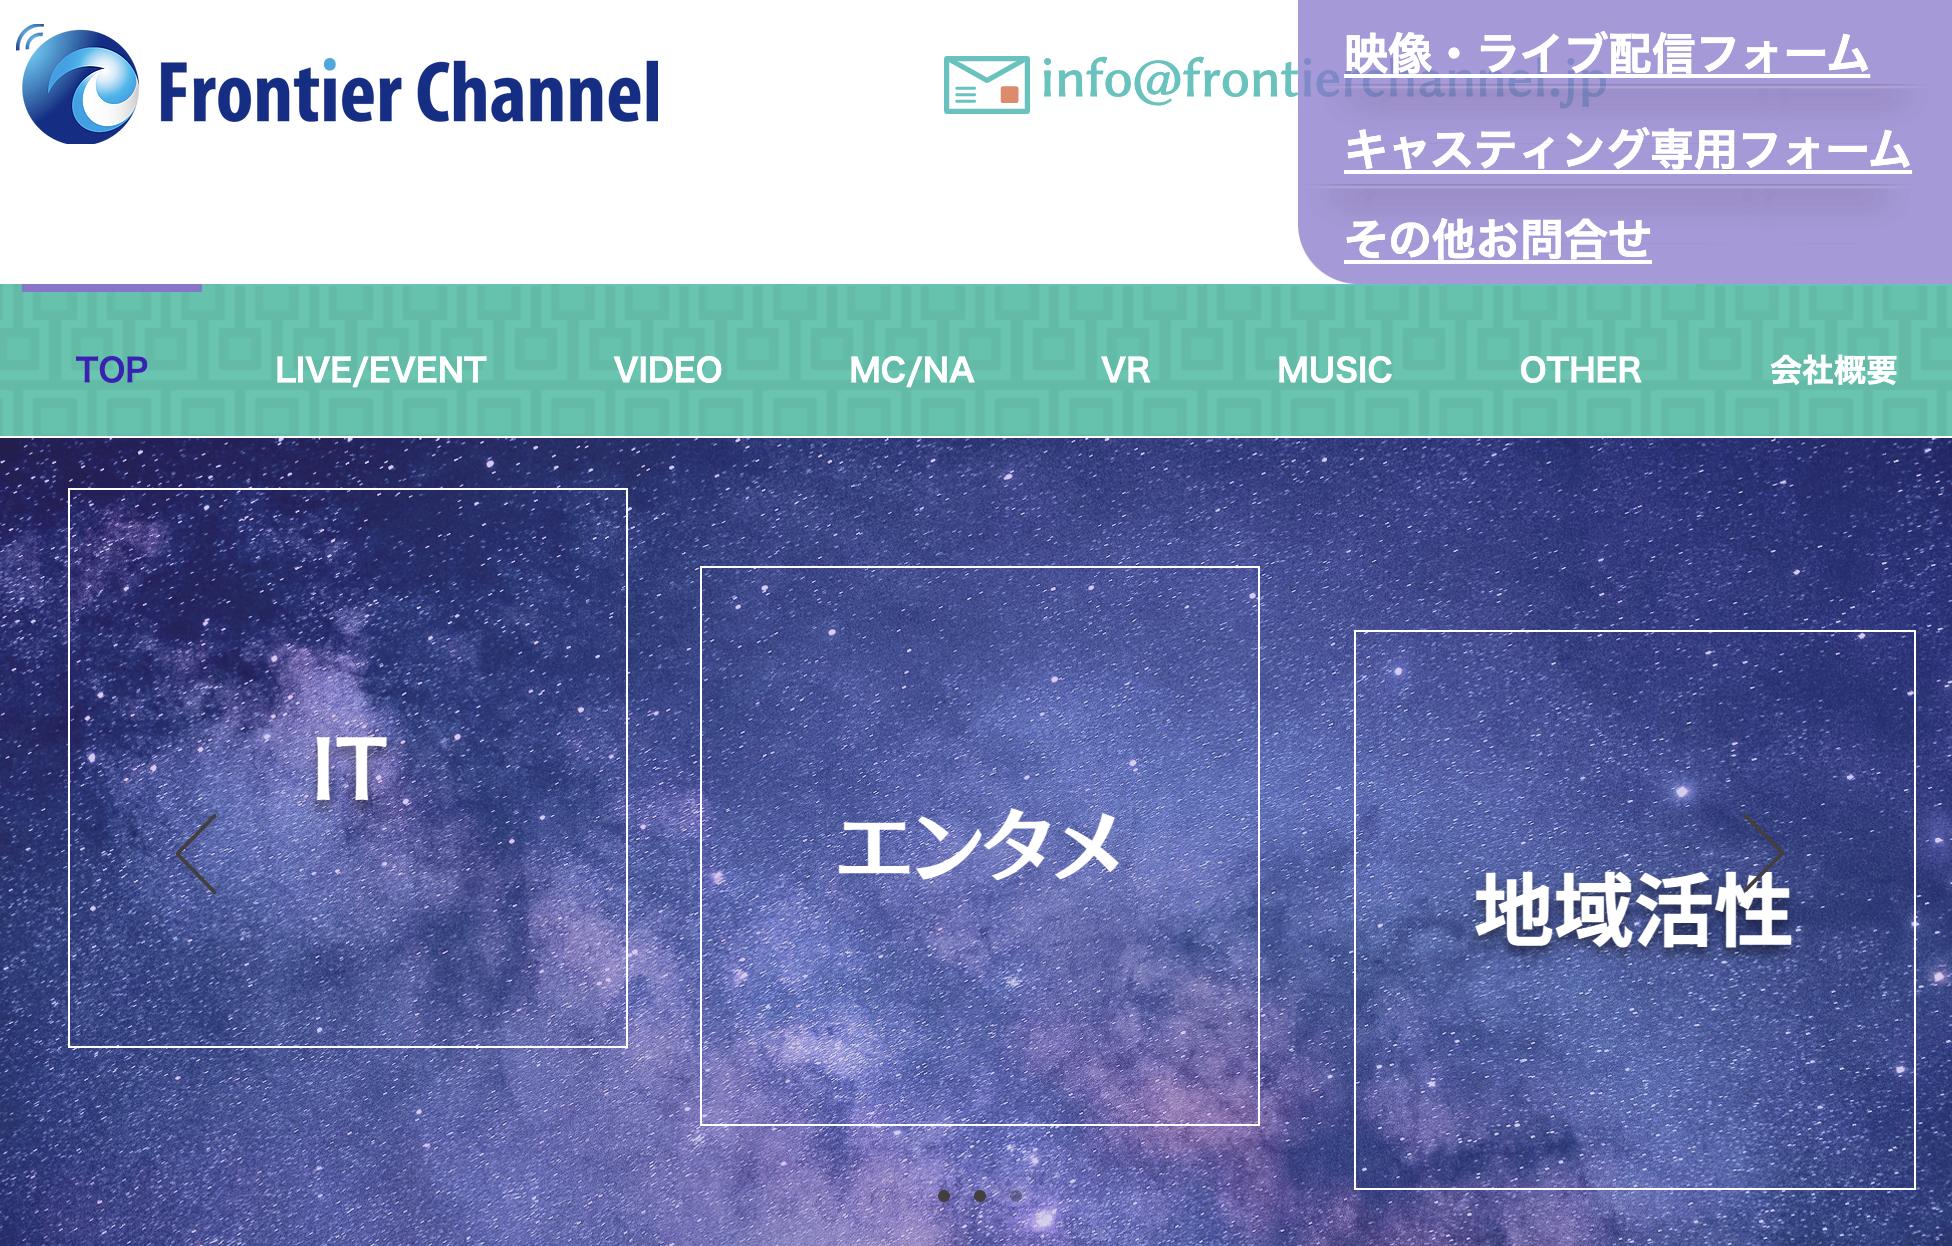 株式会社フロンティアチャンネル